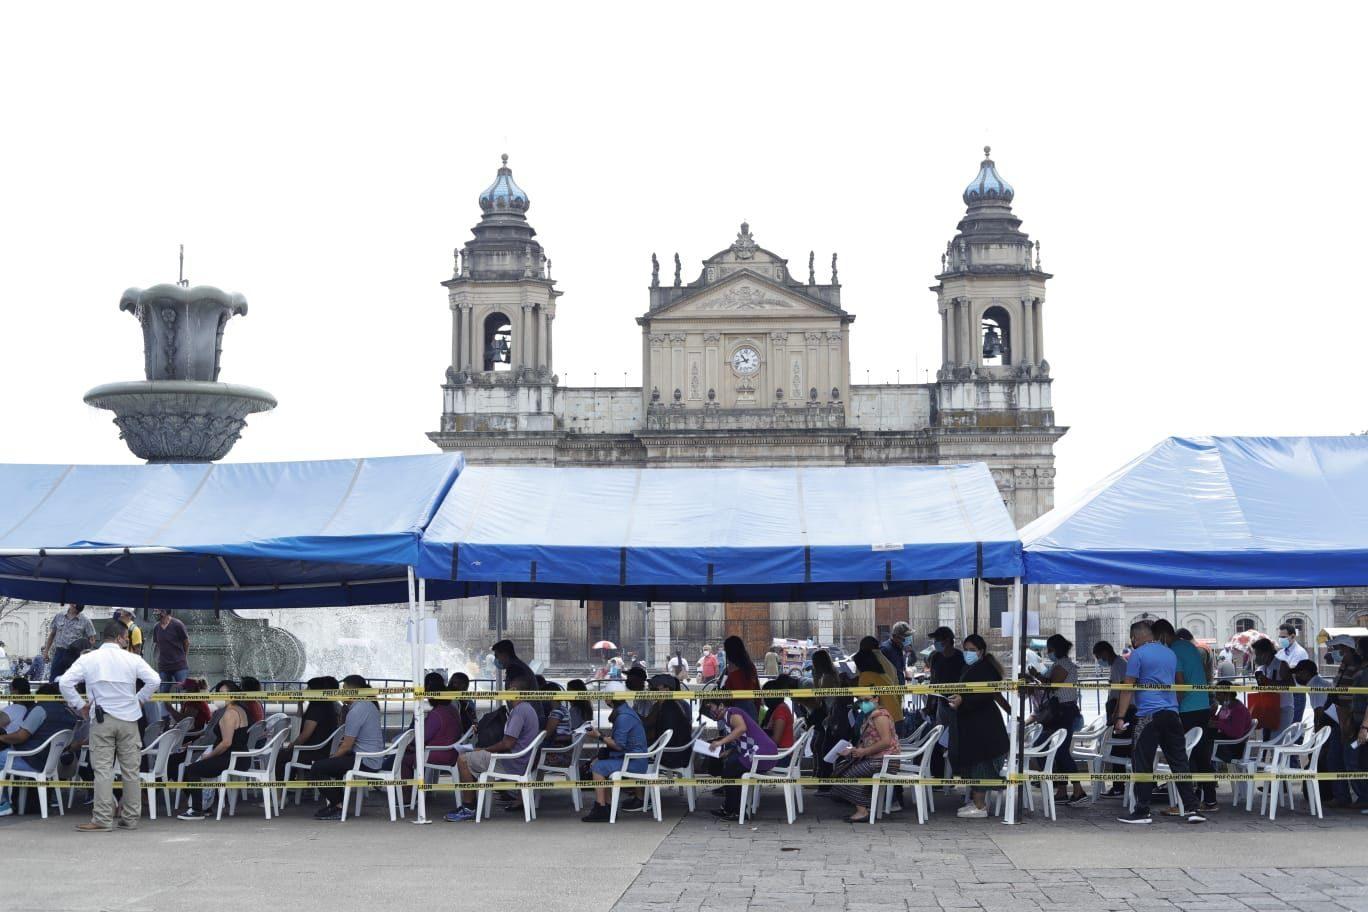 el caso de guatemaltecos que recibieron la vacuna Pfizer en Estados Unidos y no pueden recibir la segunda dosis en Guatemala - Prensa Libre